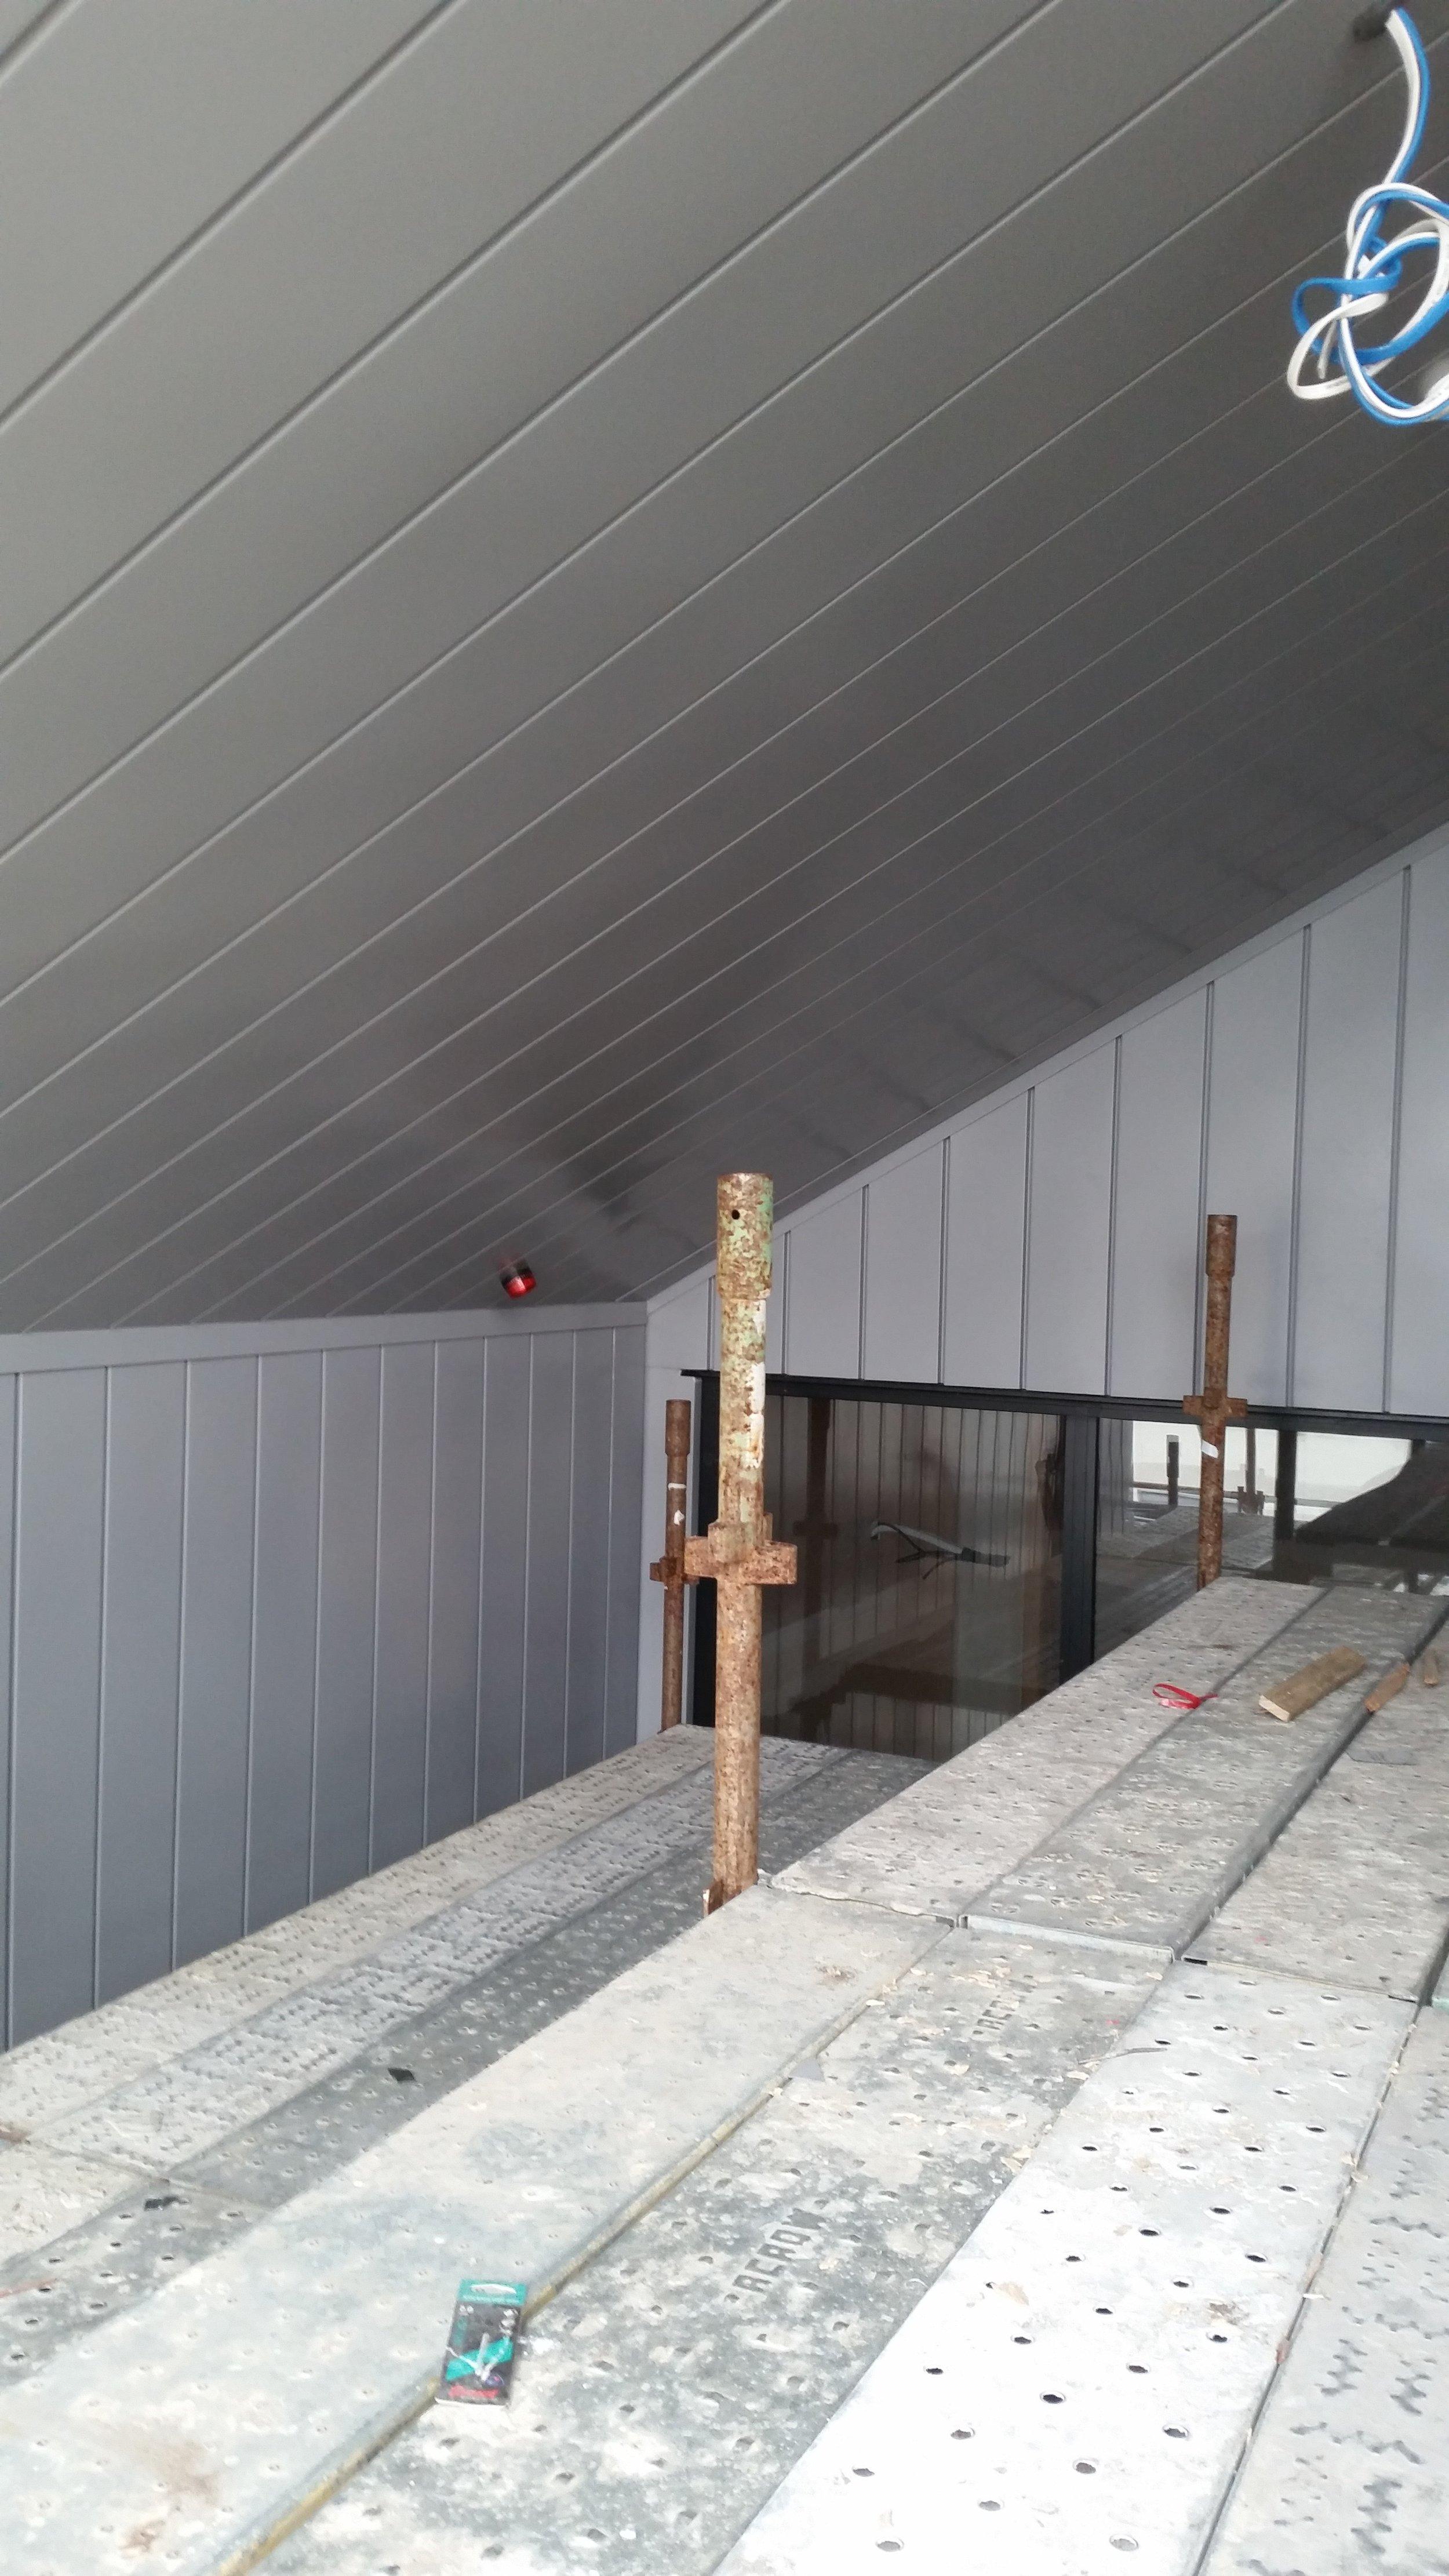 The-Roofing-Store-Steel-Metal-Interlocking-Panel-Sandstone-Grey-7.jpg.jpg